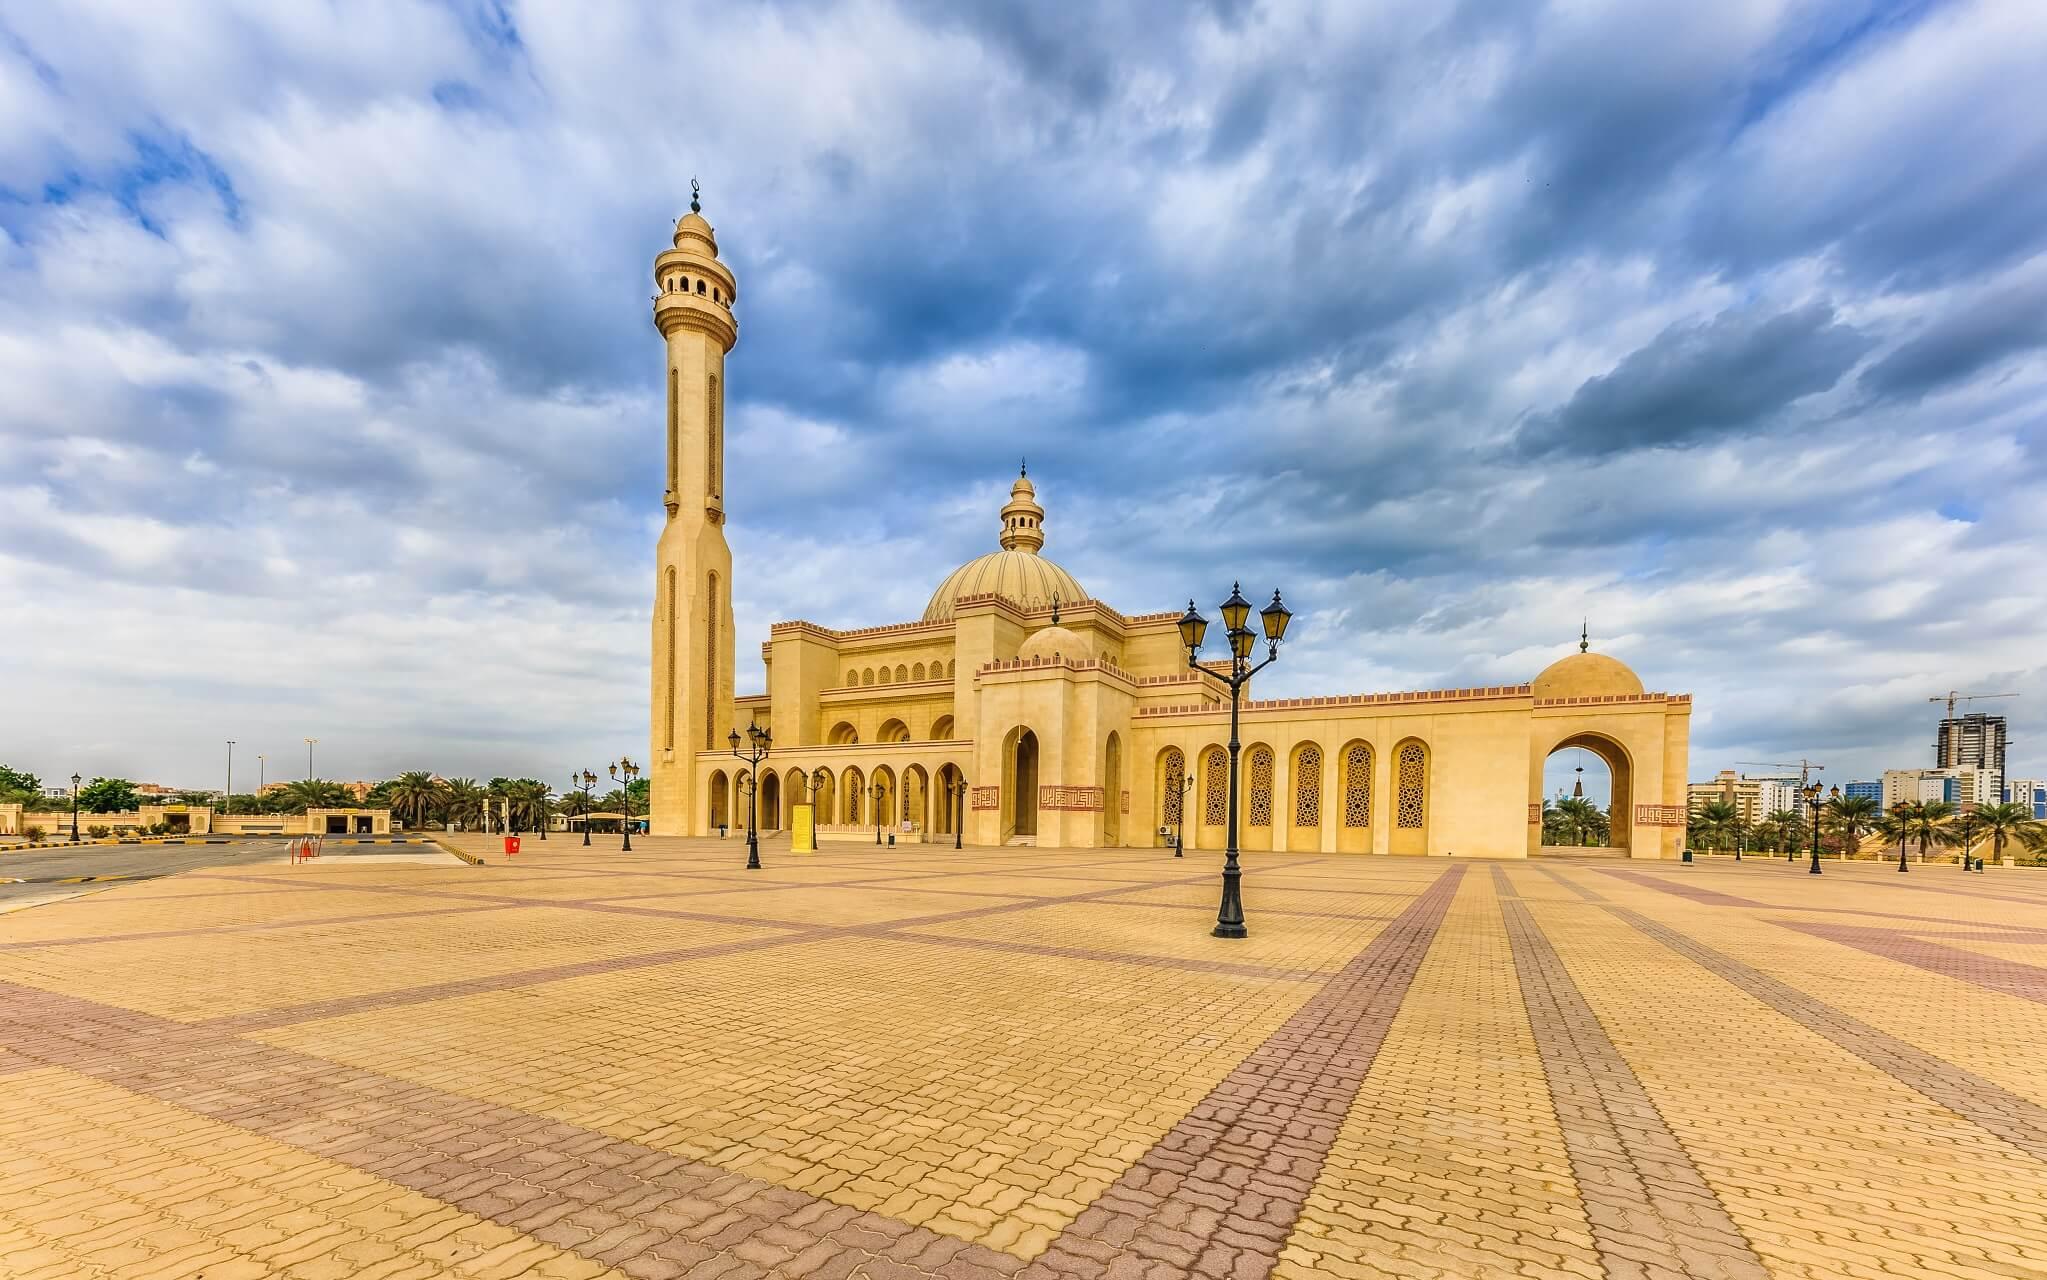 Das Ahmed Al Fateh Islamic Center mit der Al-Faith Mosque in Bahrain